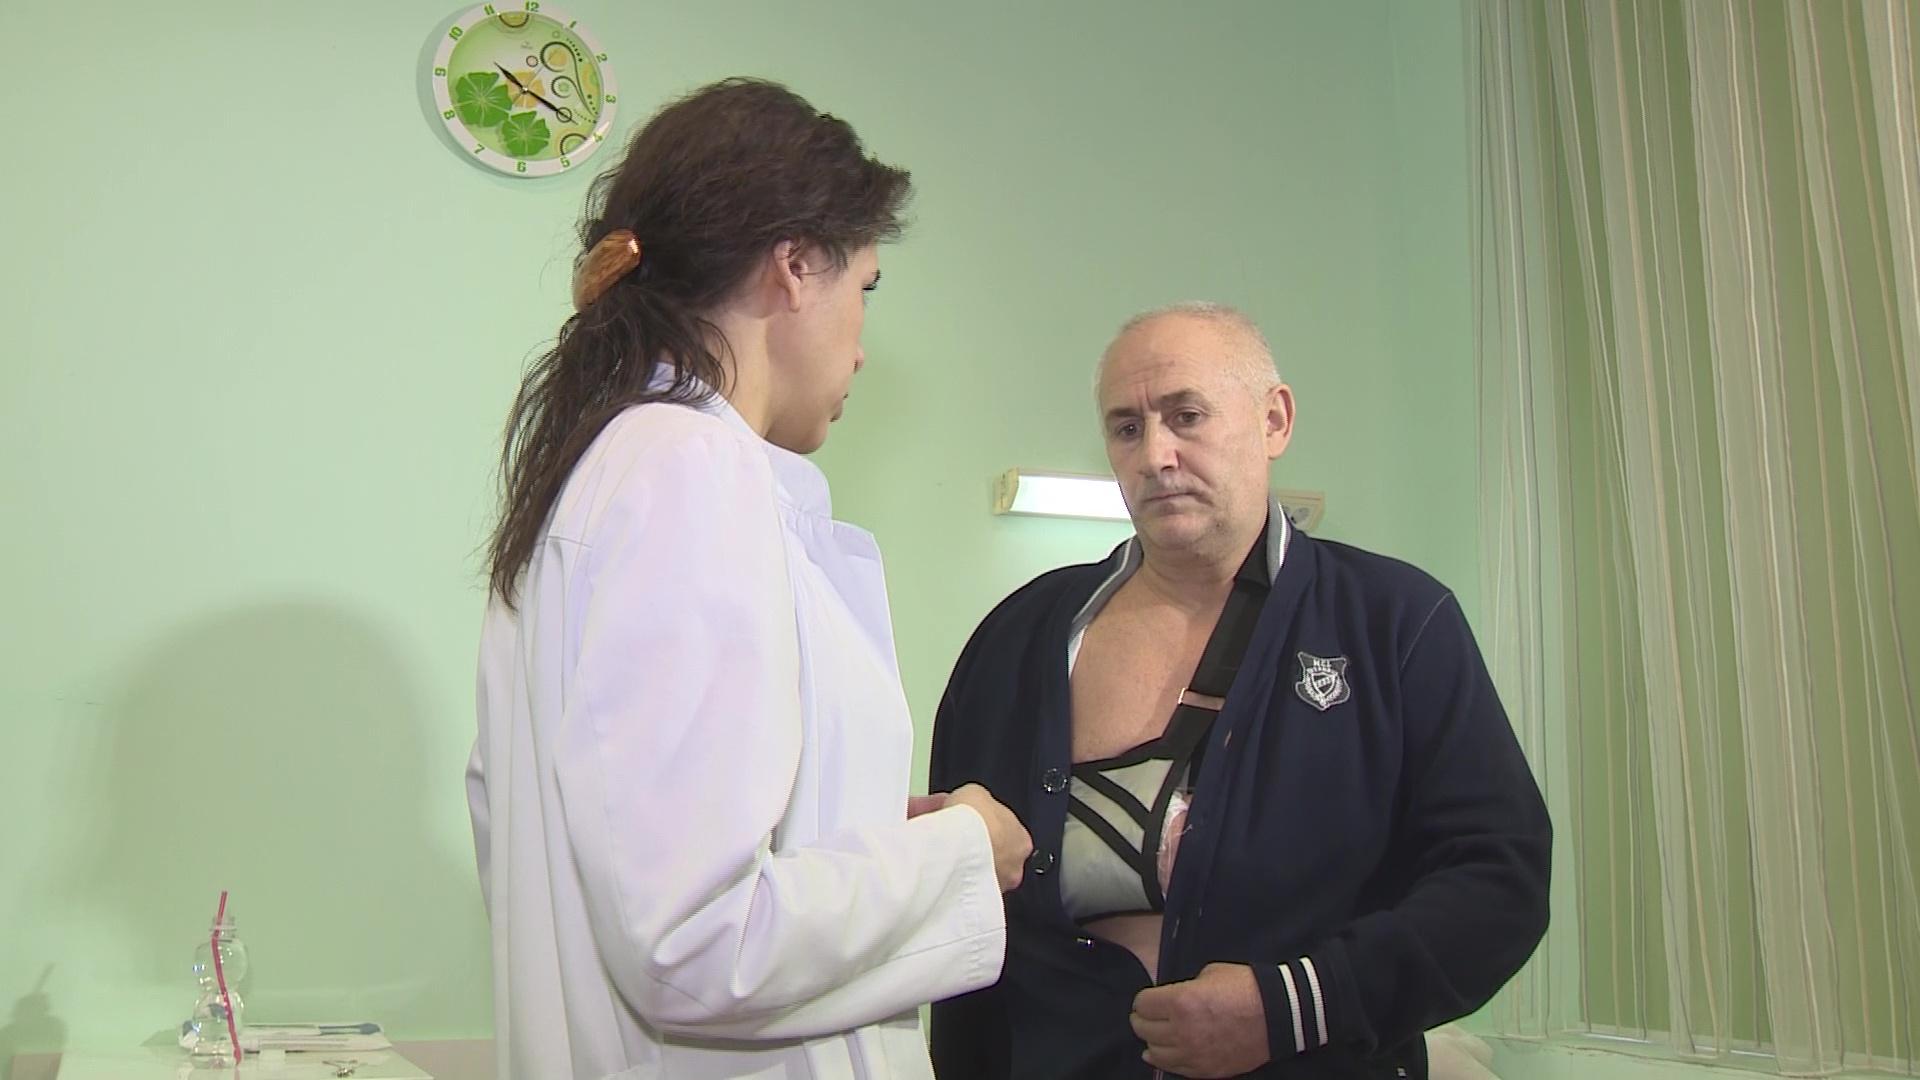 Врачи «соловьевки» восстановили пациенту руку, которую тот чуть не потерял из-за несчастного случая на работе